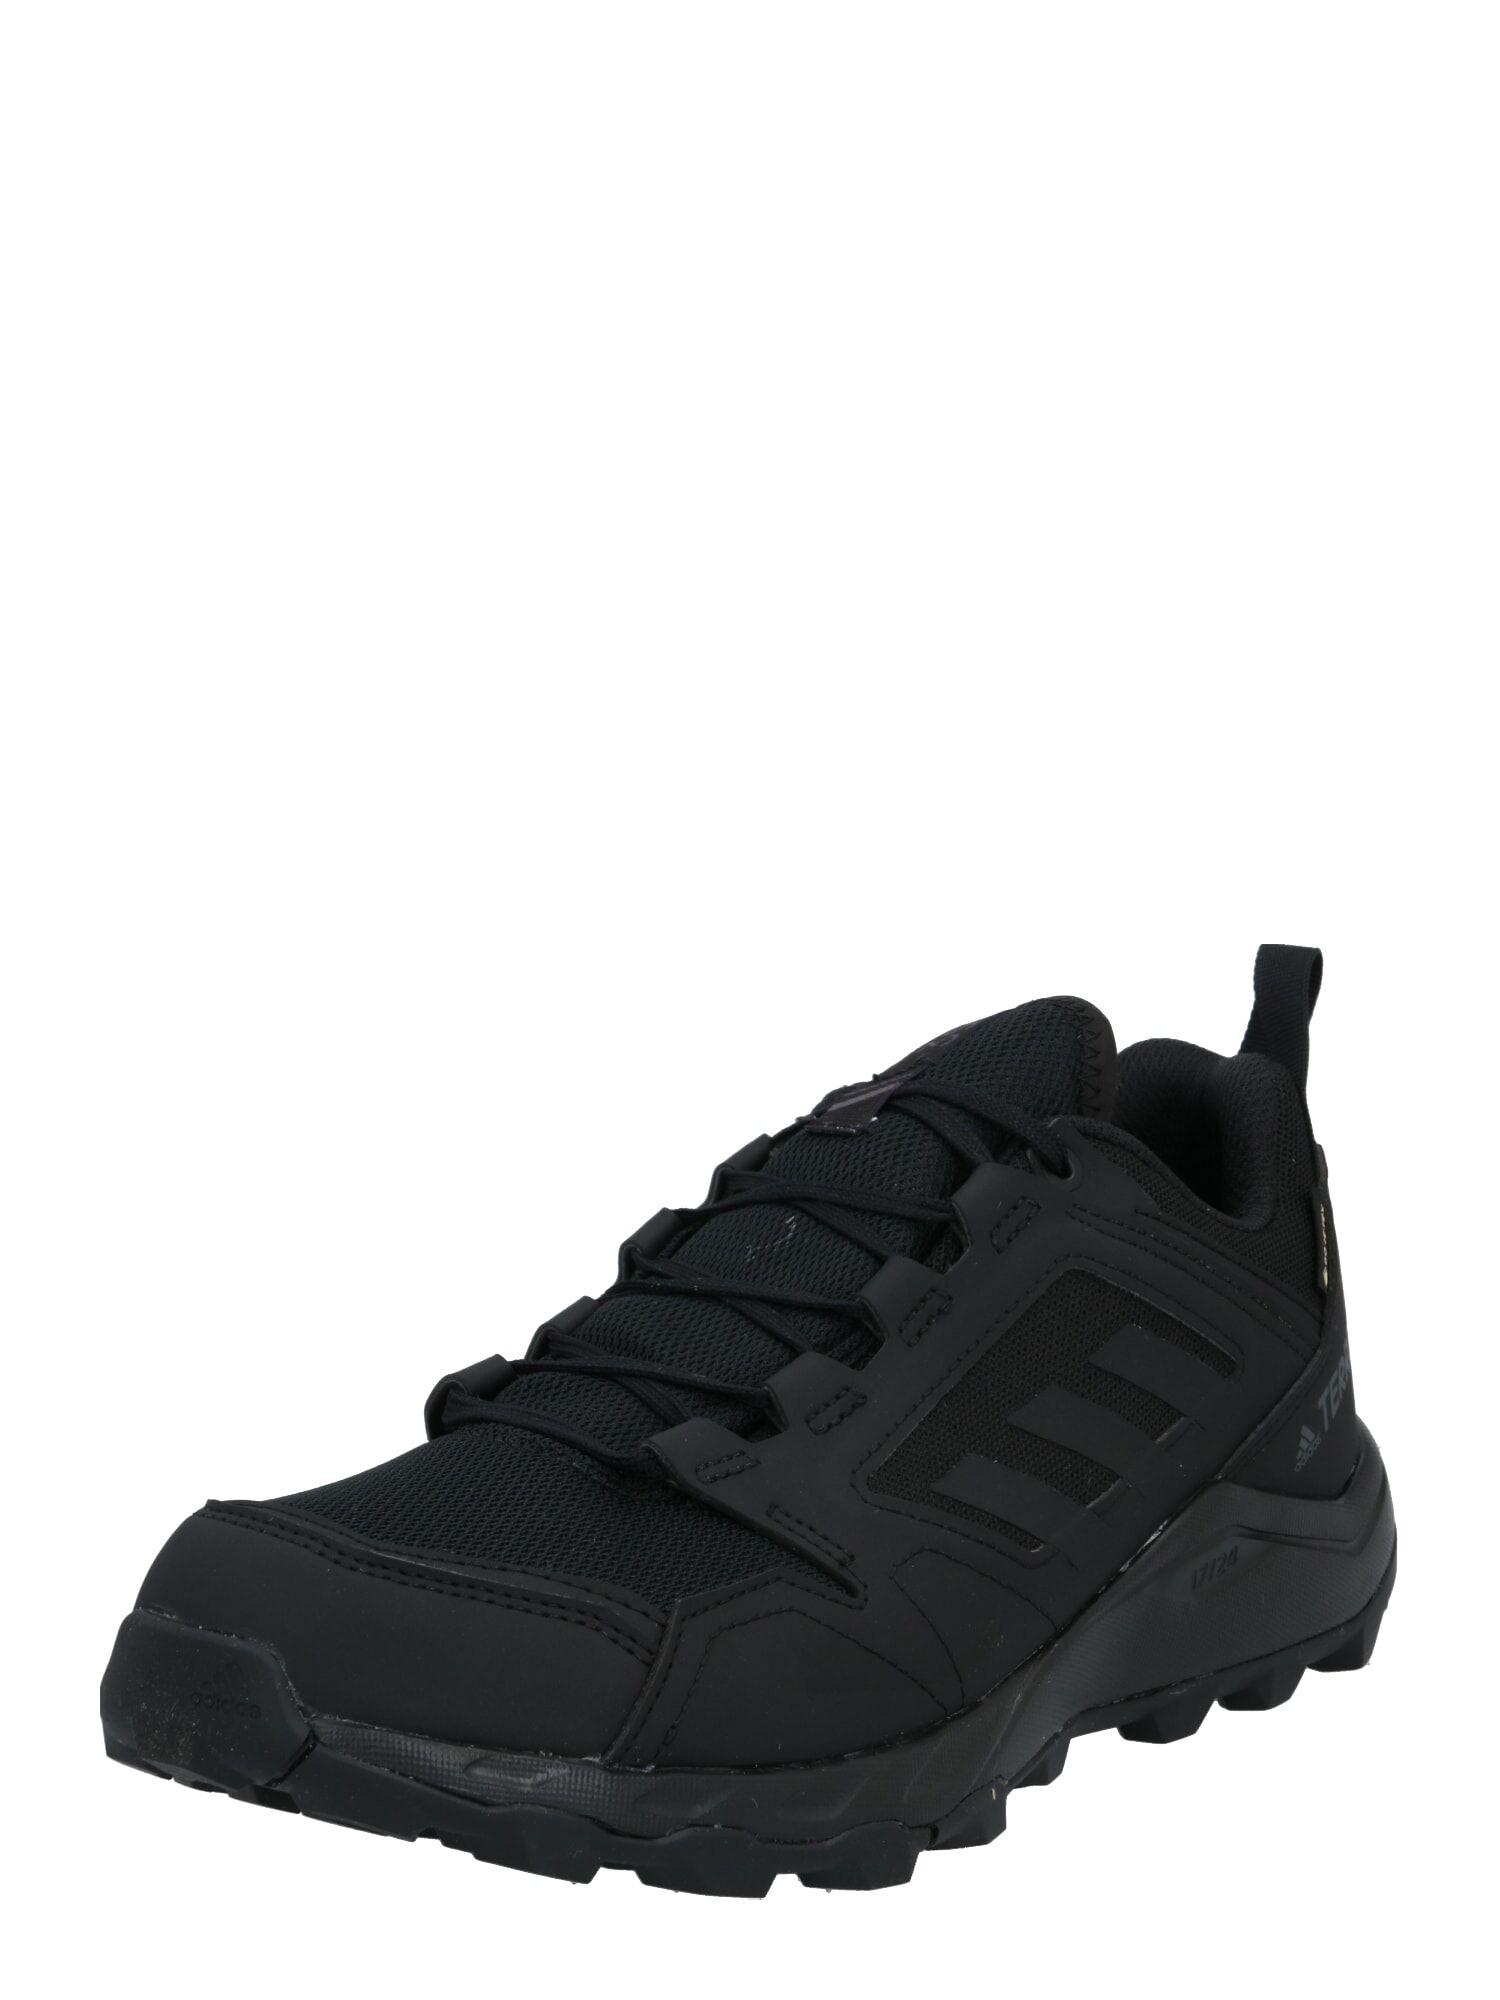 adidas Terrex Chaussure de course  - Noir - Taille: 8.5 - male